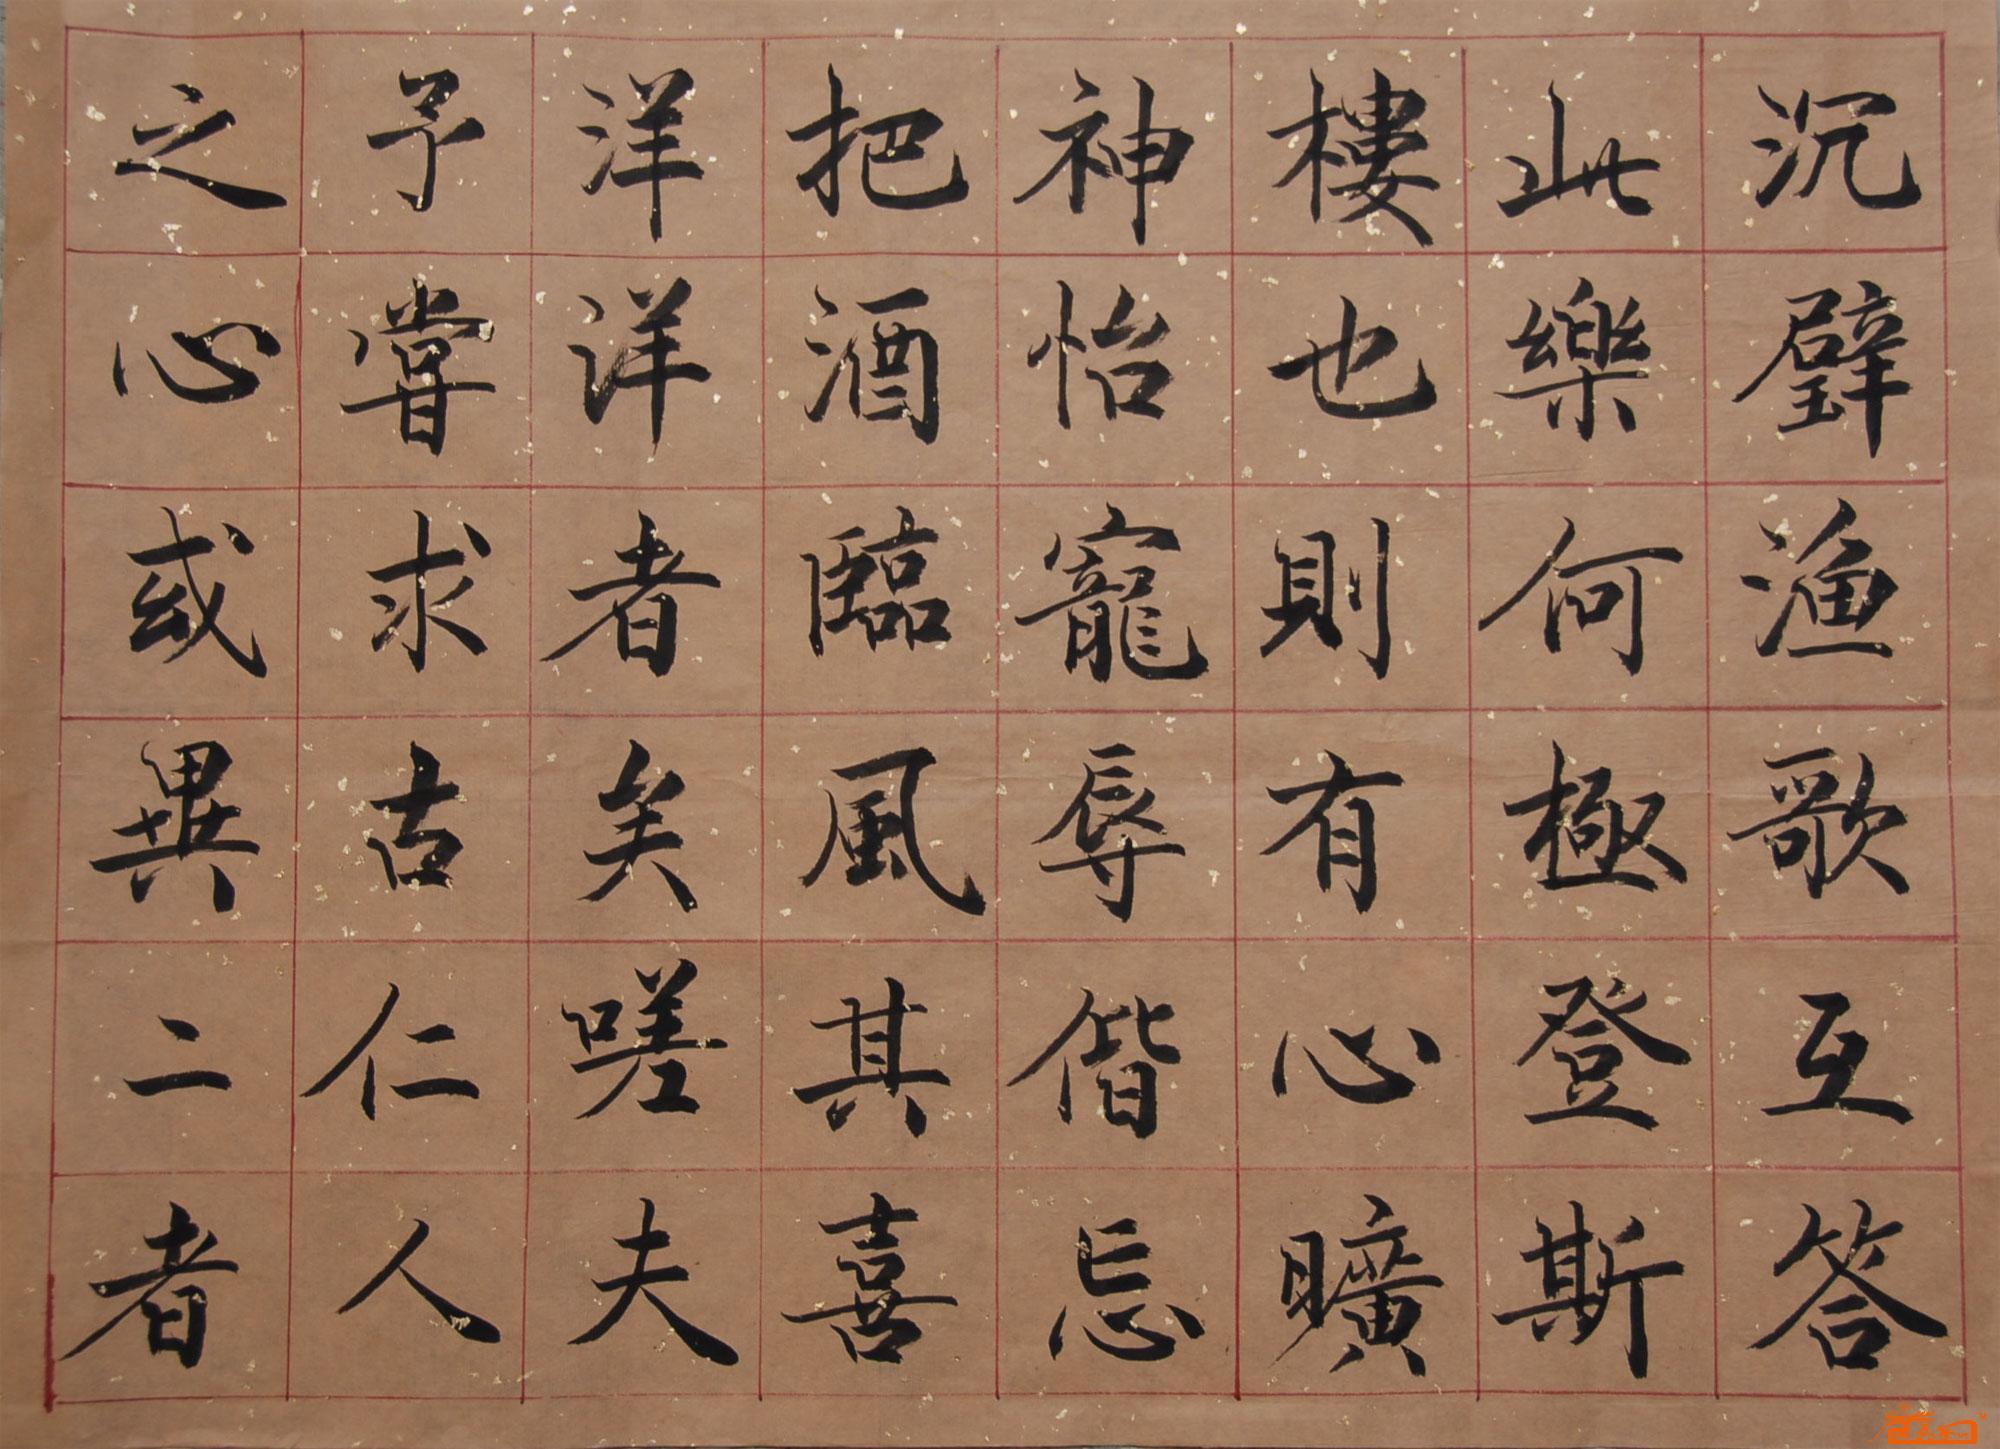 柳金善 淘宝 名人字画 中国书画交易中心 中国书画销售中心 中国书画